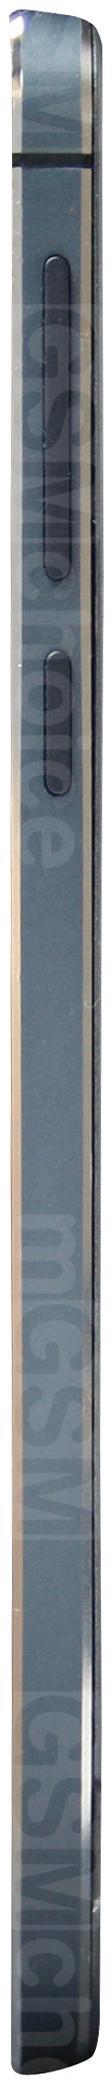 Mediacom PhonePad Duo X520 Ultra